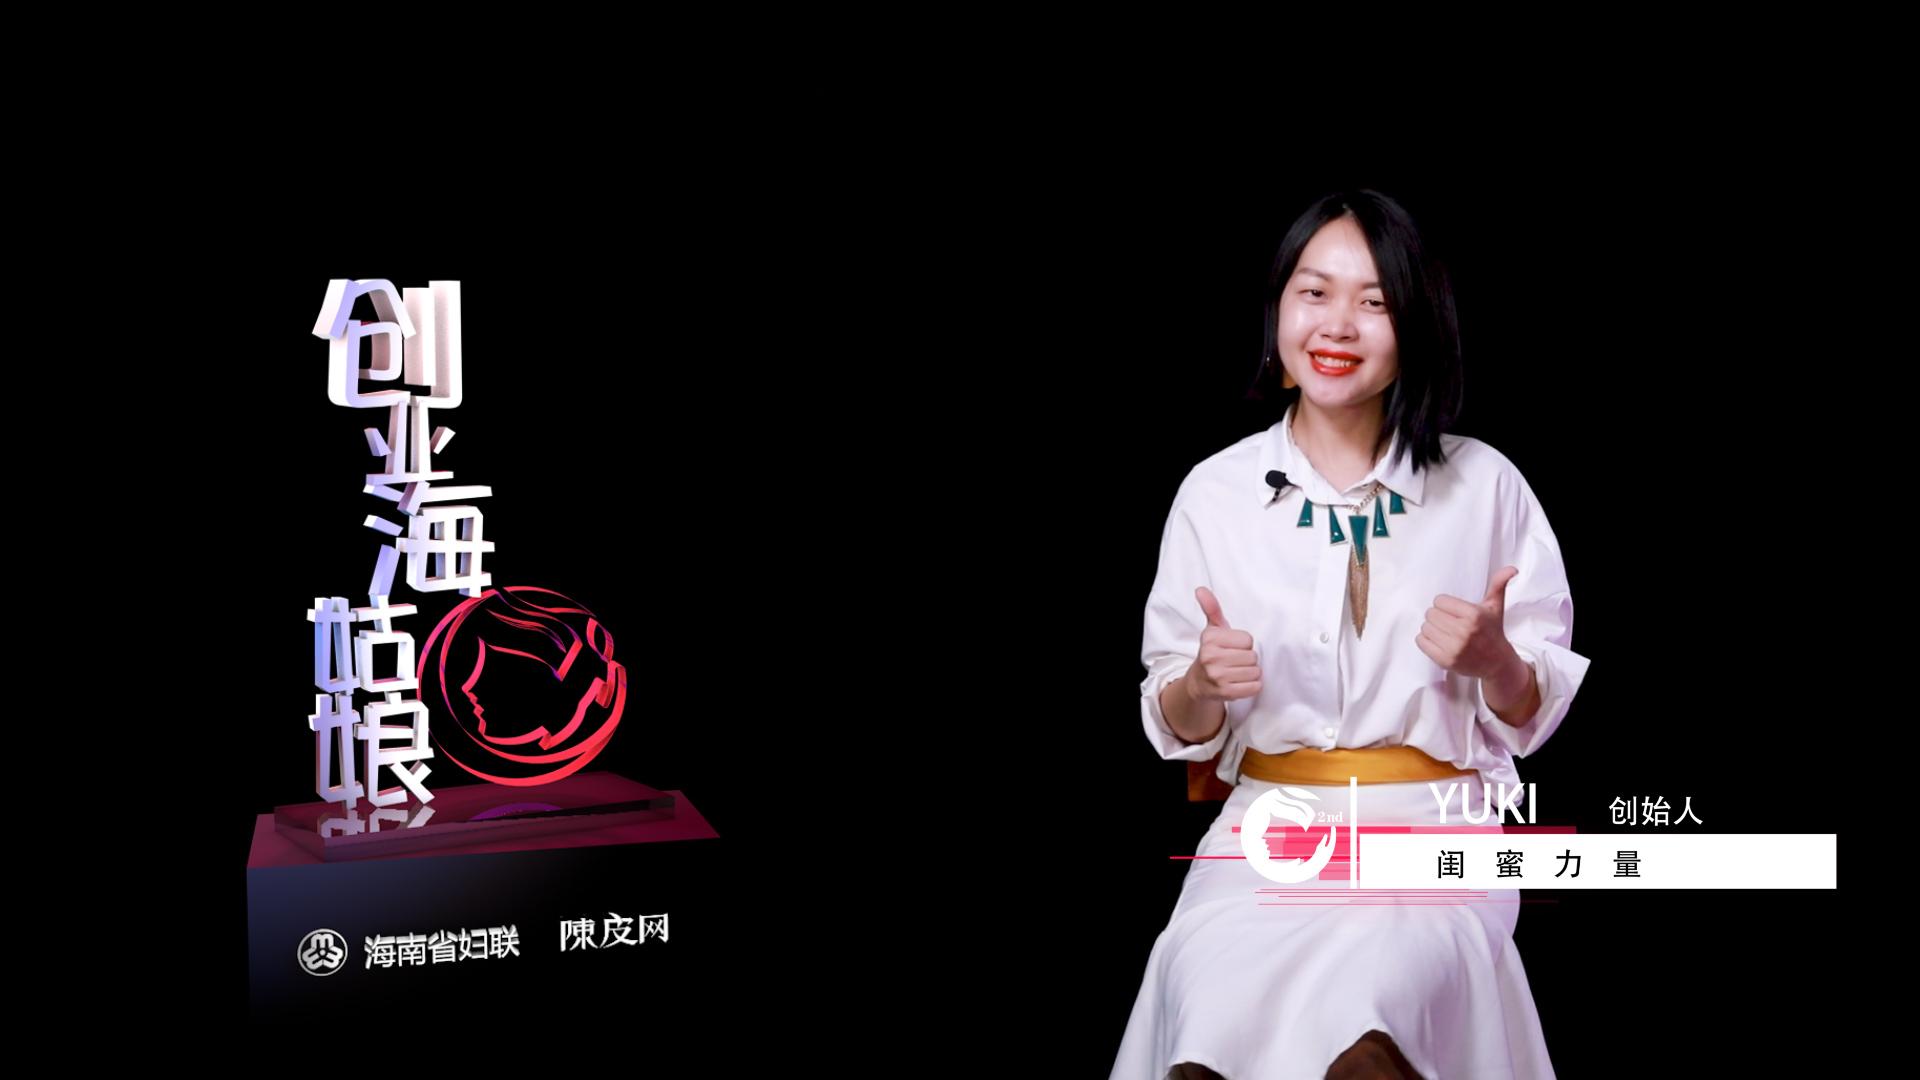 创业海姑娘|闺蜜力量Yuki——打破观念,创女性品牌